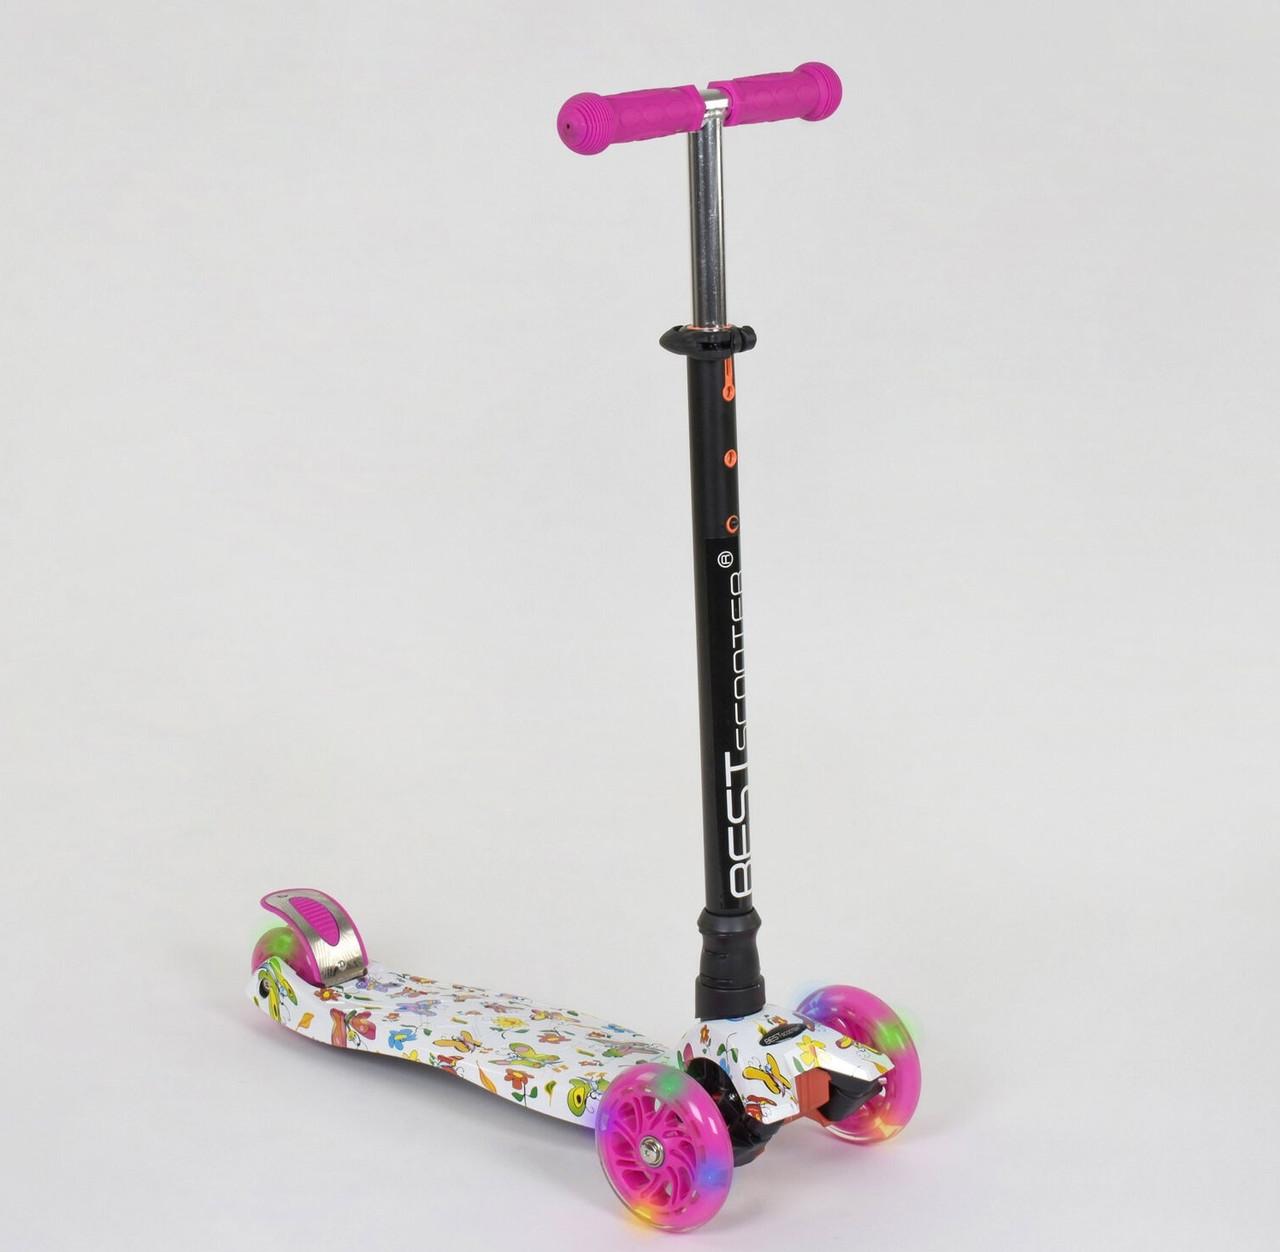 Самокат Best scooter MAXI граффити 1396